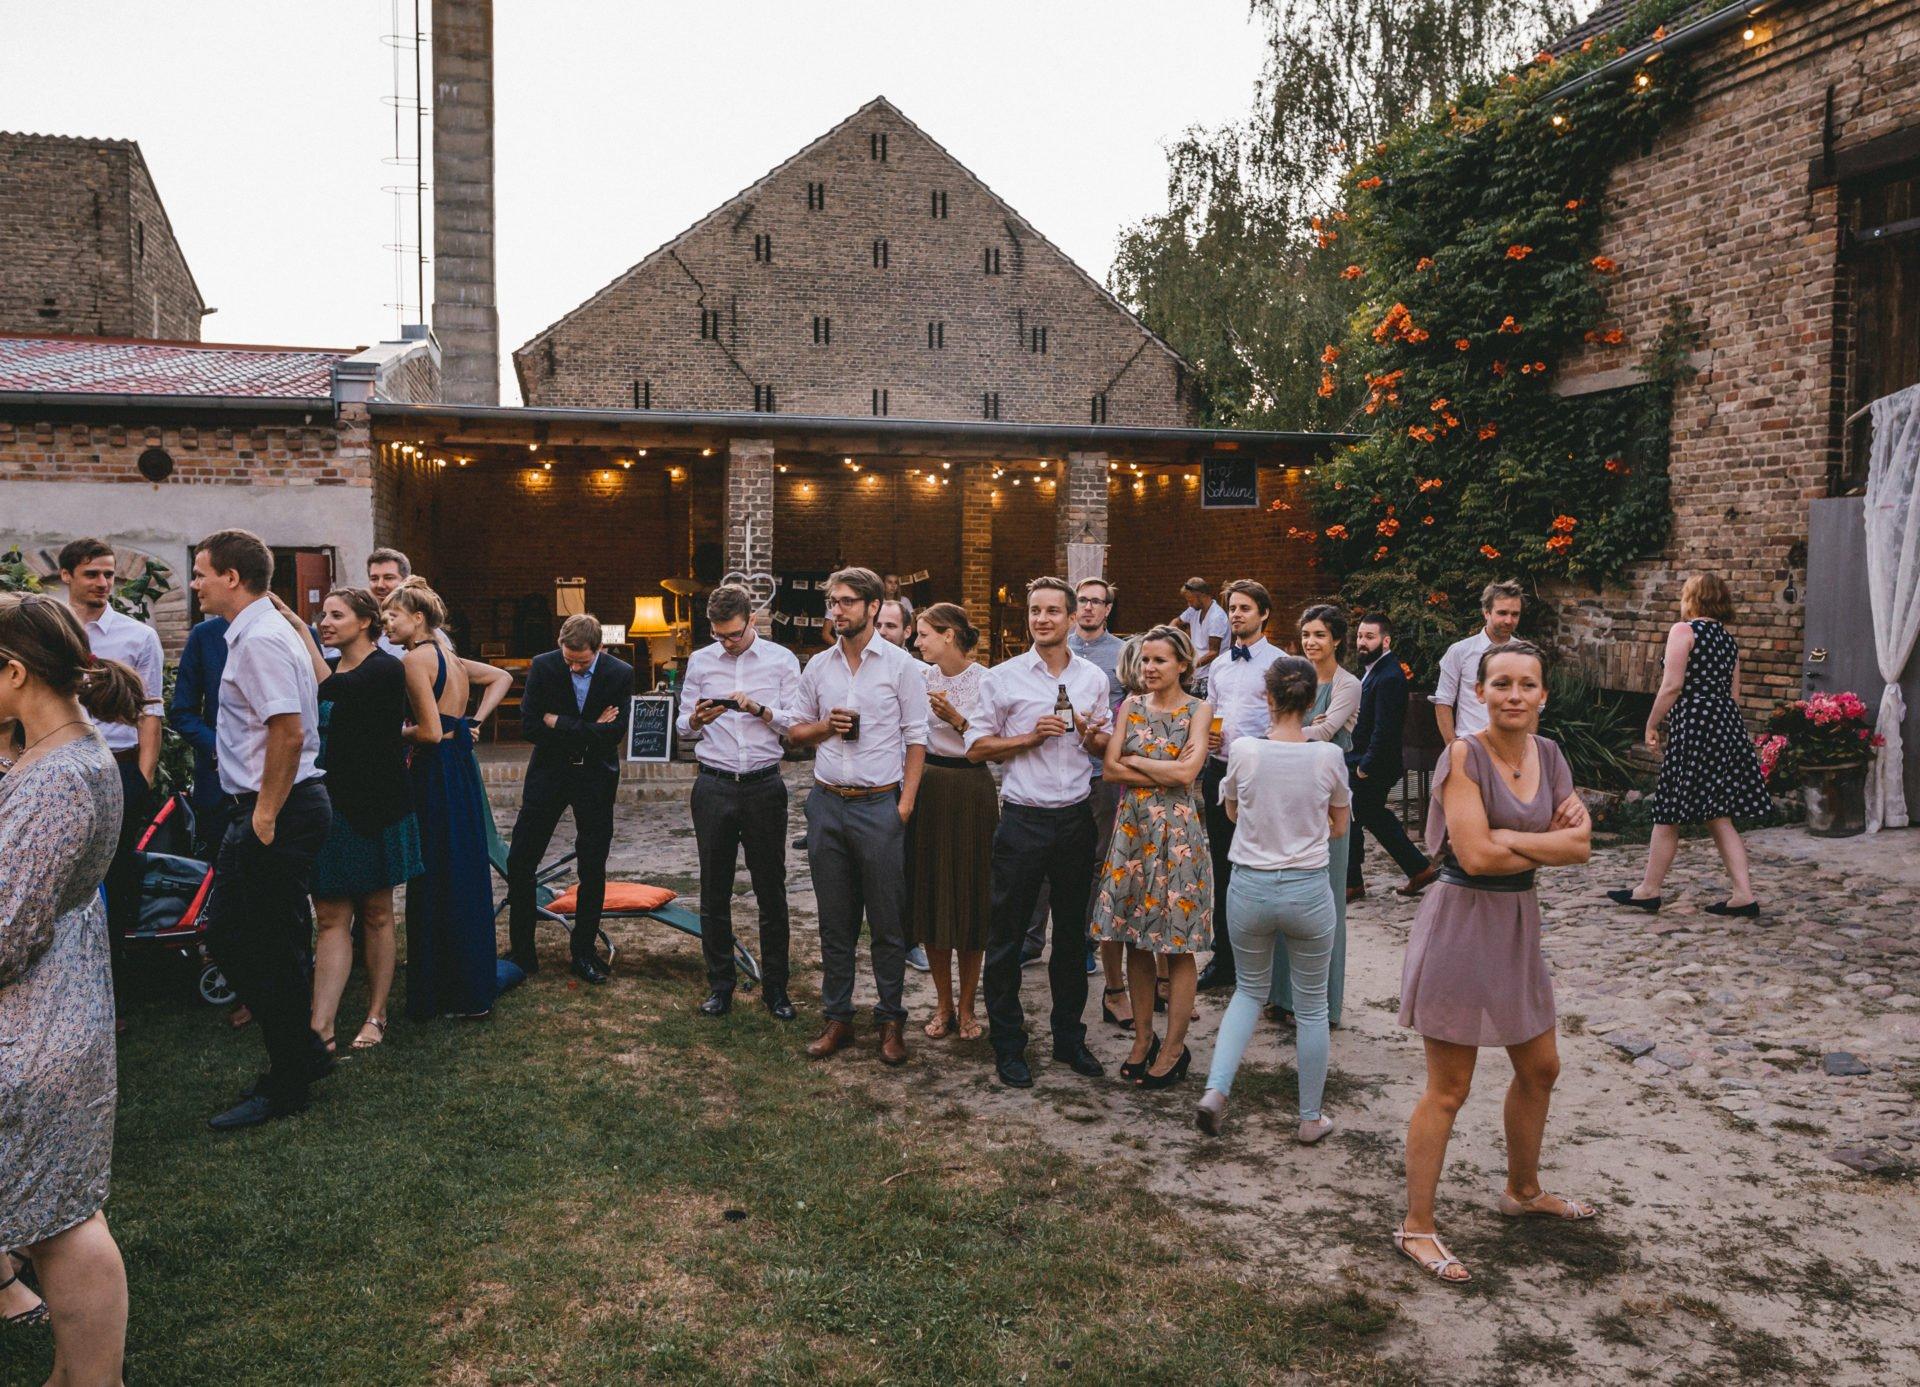 50mmfreunde Berlin Hochzeit 087 1920x1387 - Sommerhochzeit in dem Vierseithofcafé im Berliner Umland